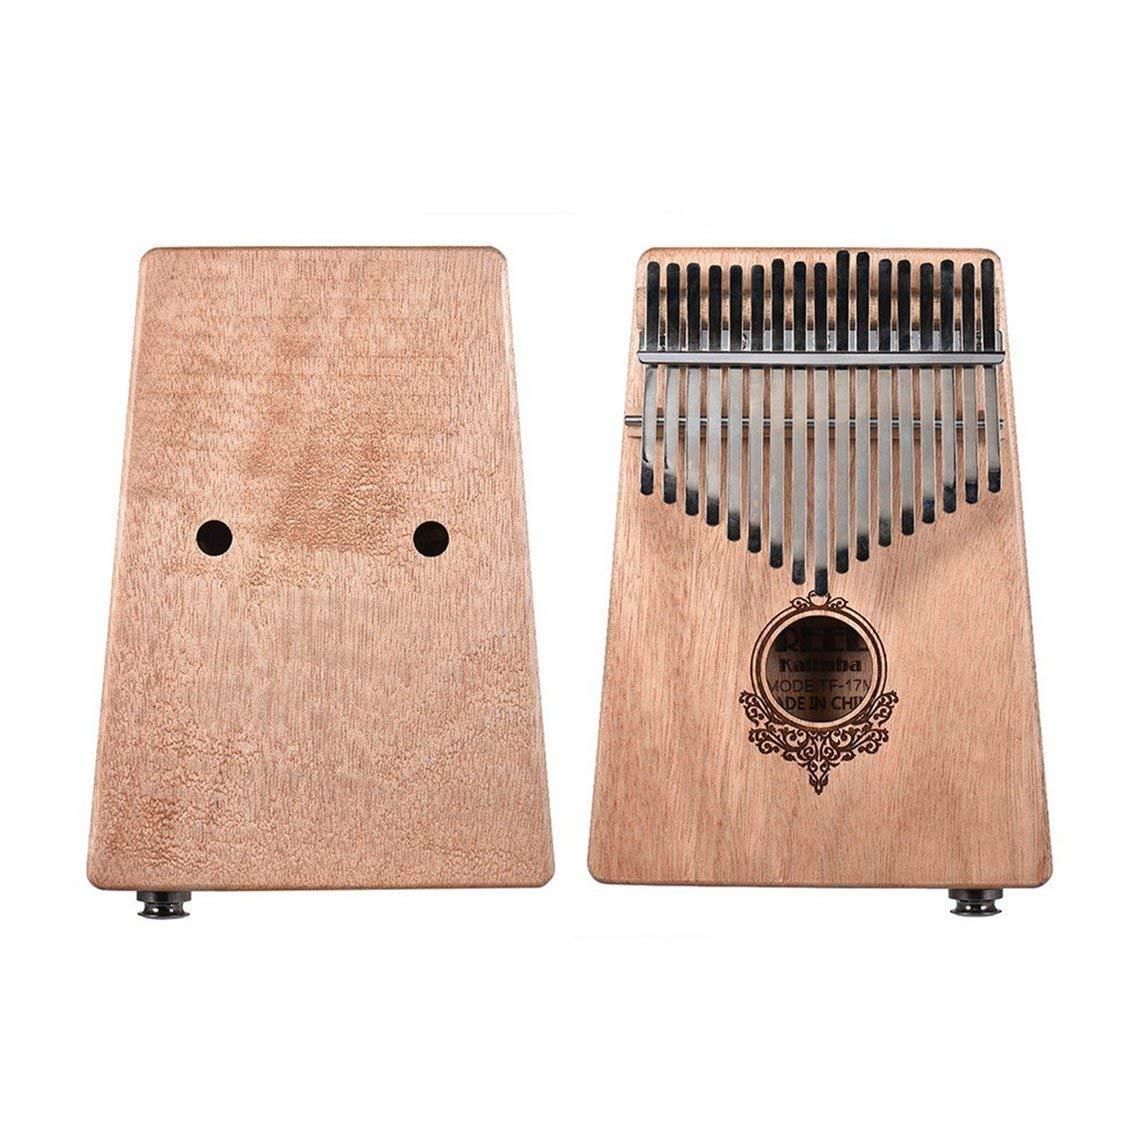 Footprintes 17 teclas de caimán de caoba africanas de Kalimba con dedo pulgar y caja eléctrica: Amazon.es: Instrumentos musicales